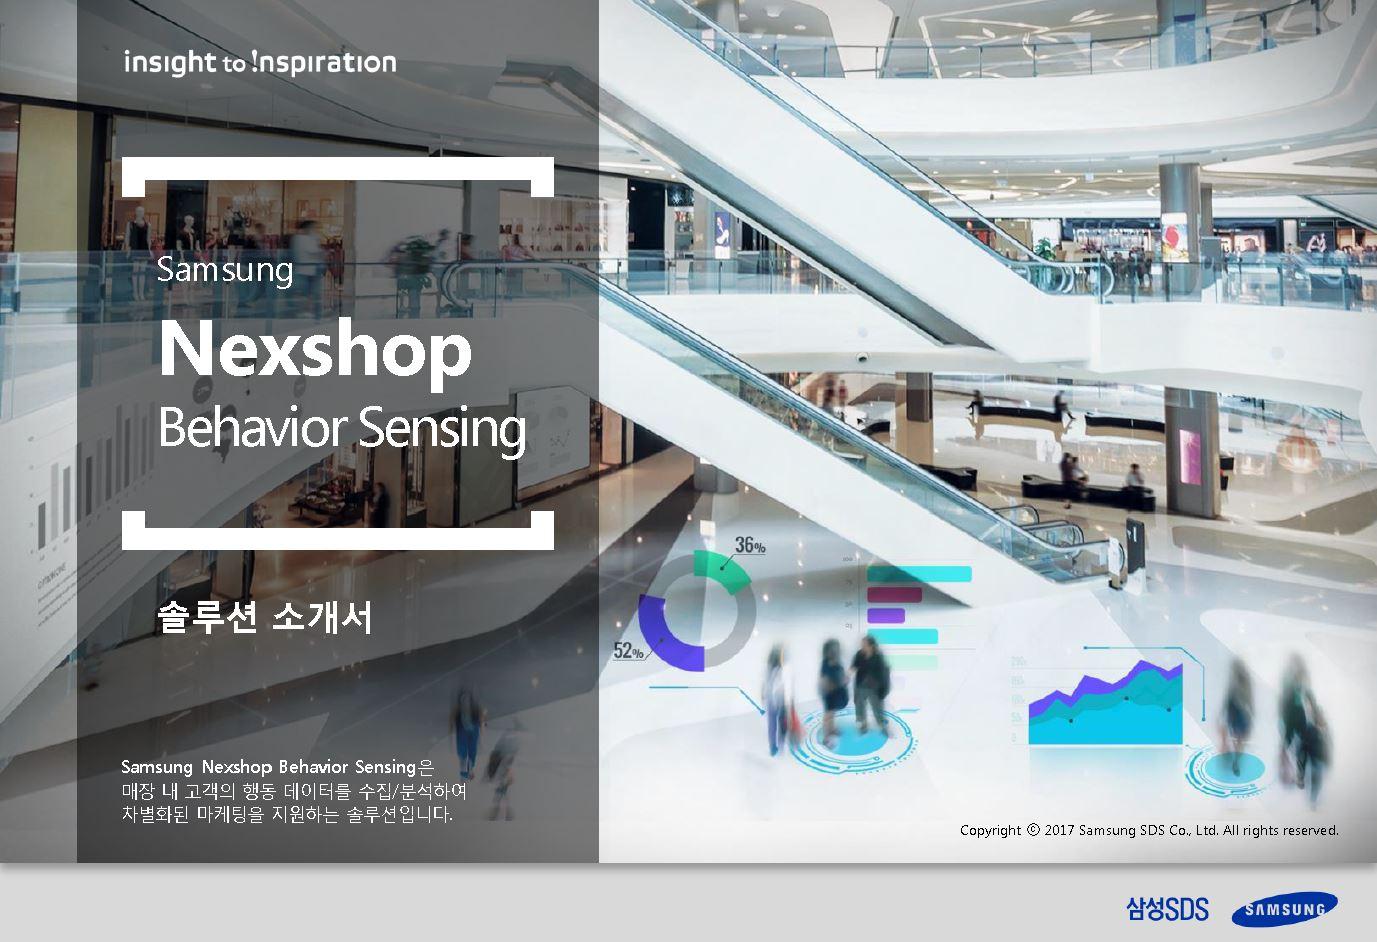 Nexshop Behavoir Sensing - 빅데이터 분석을 통해 마케팅 효과를 높인다